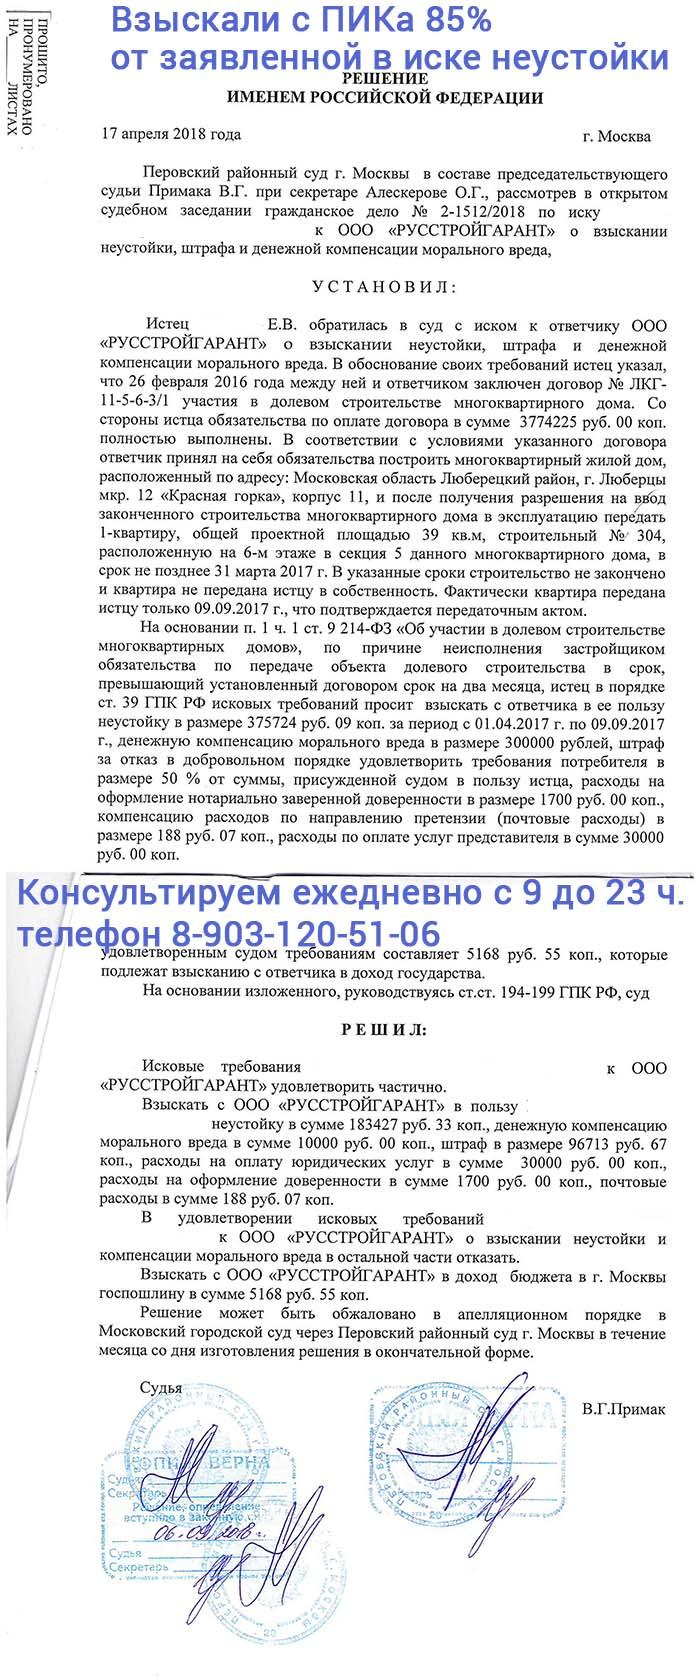 Судебная практика по взысканию с ООО РусСтройГарант денежных средств за нарушение сроков строительства